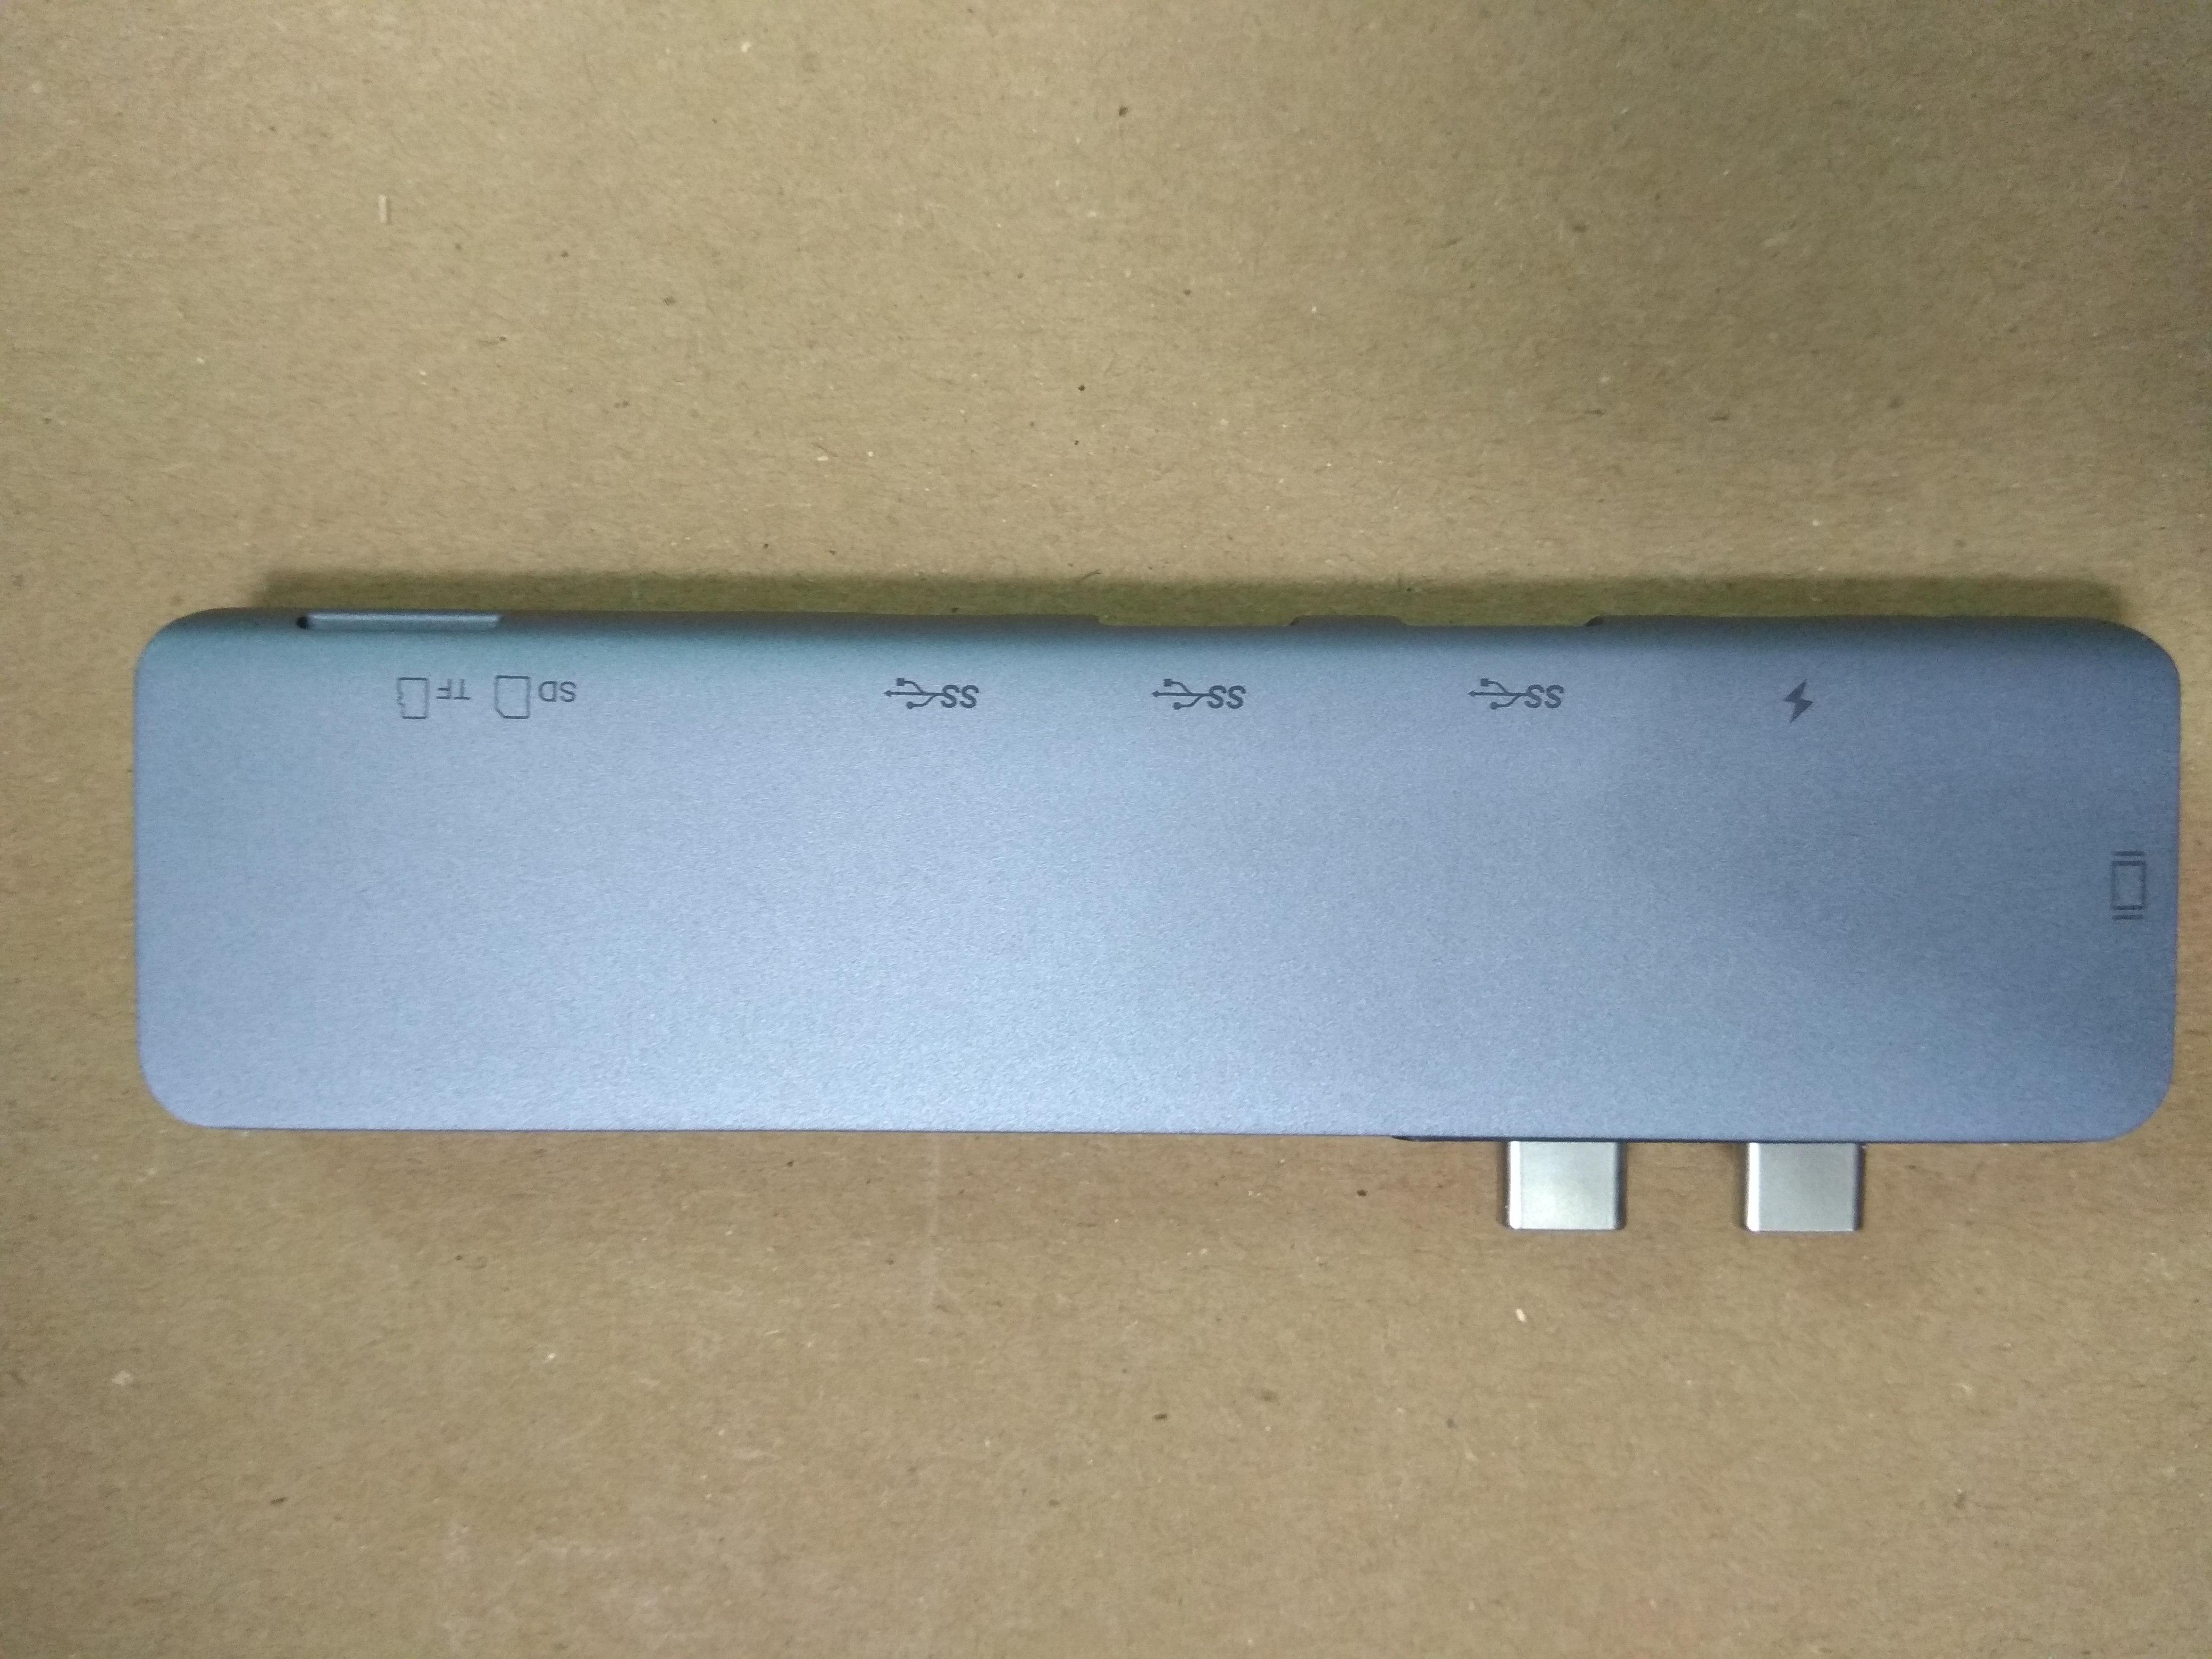 Cổng Chuyển Hub USB C, Type-C ra HDMI 4K 60hz/ usb 3.0/ PD/ TF/ SD dành Cho Macbook Pro và Macbook Air